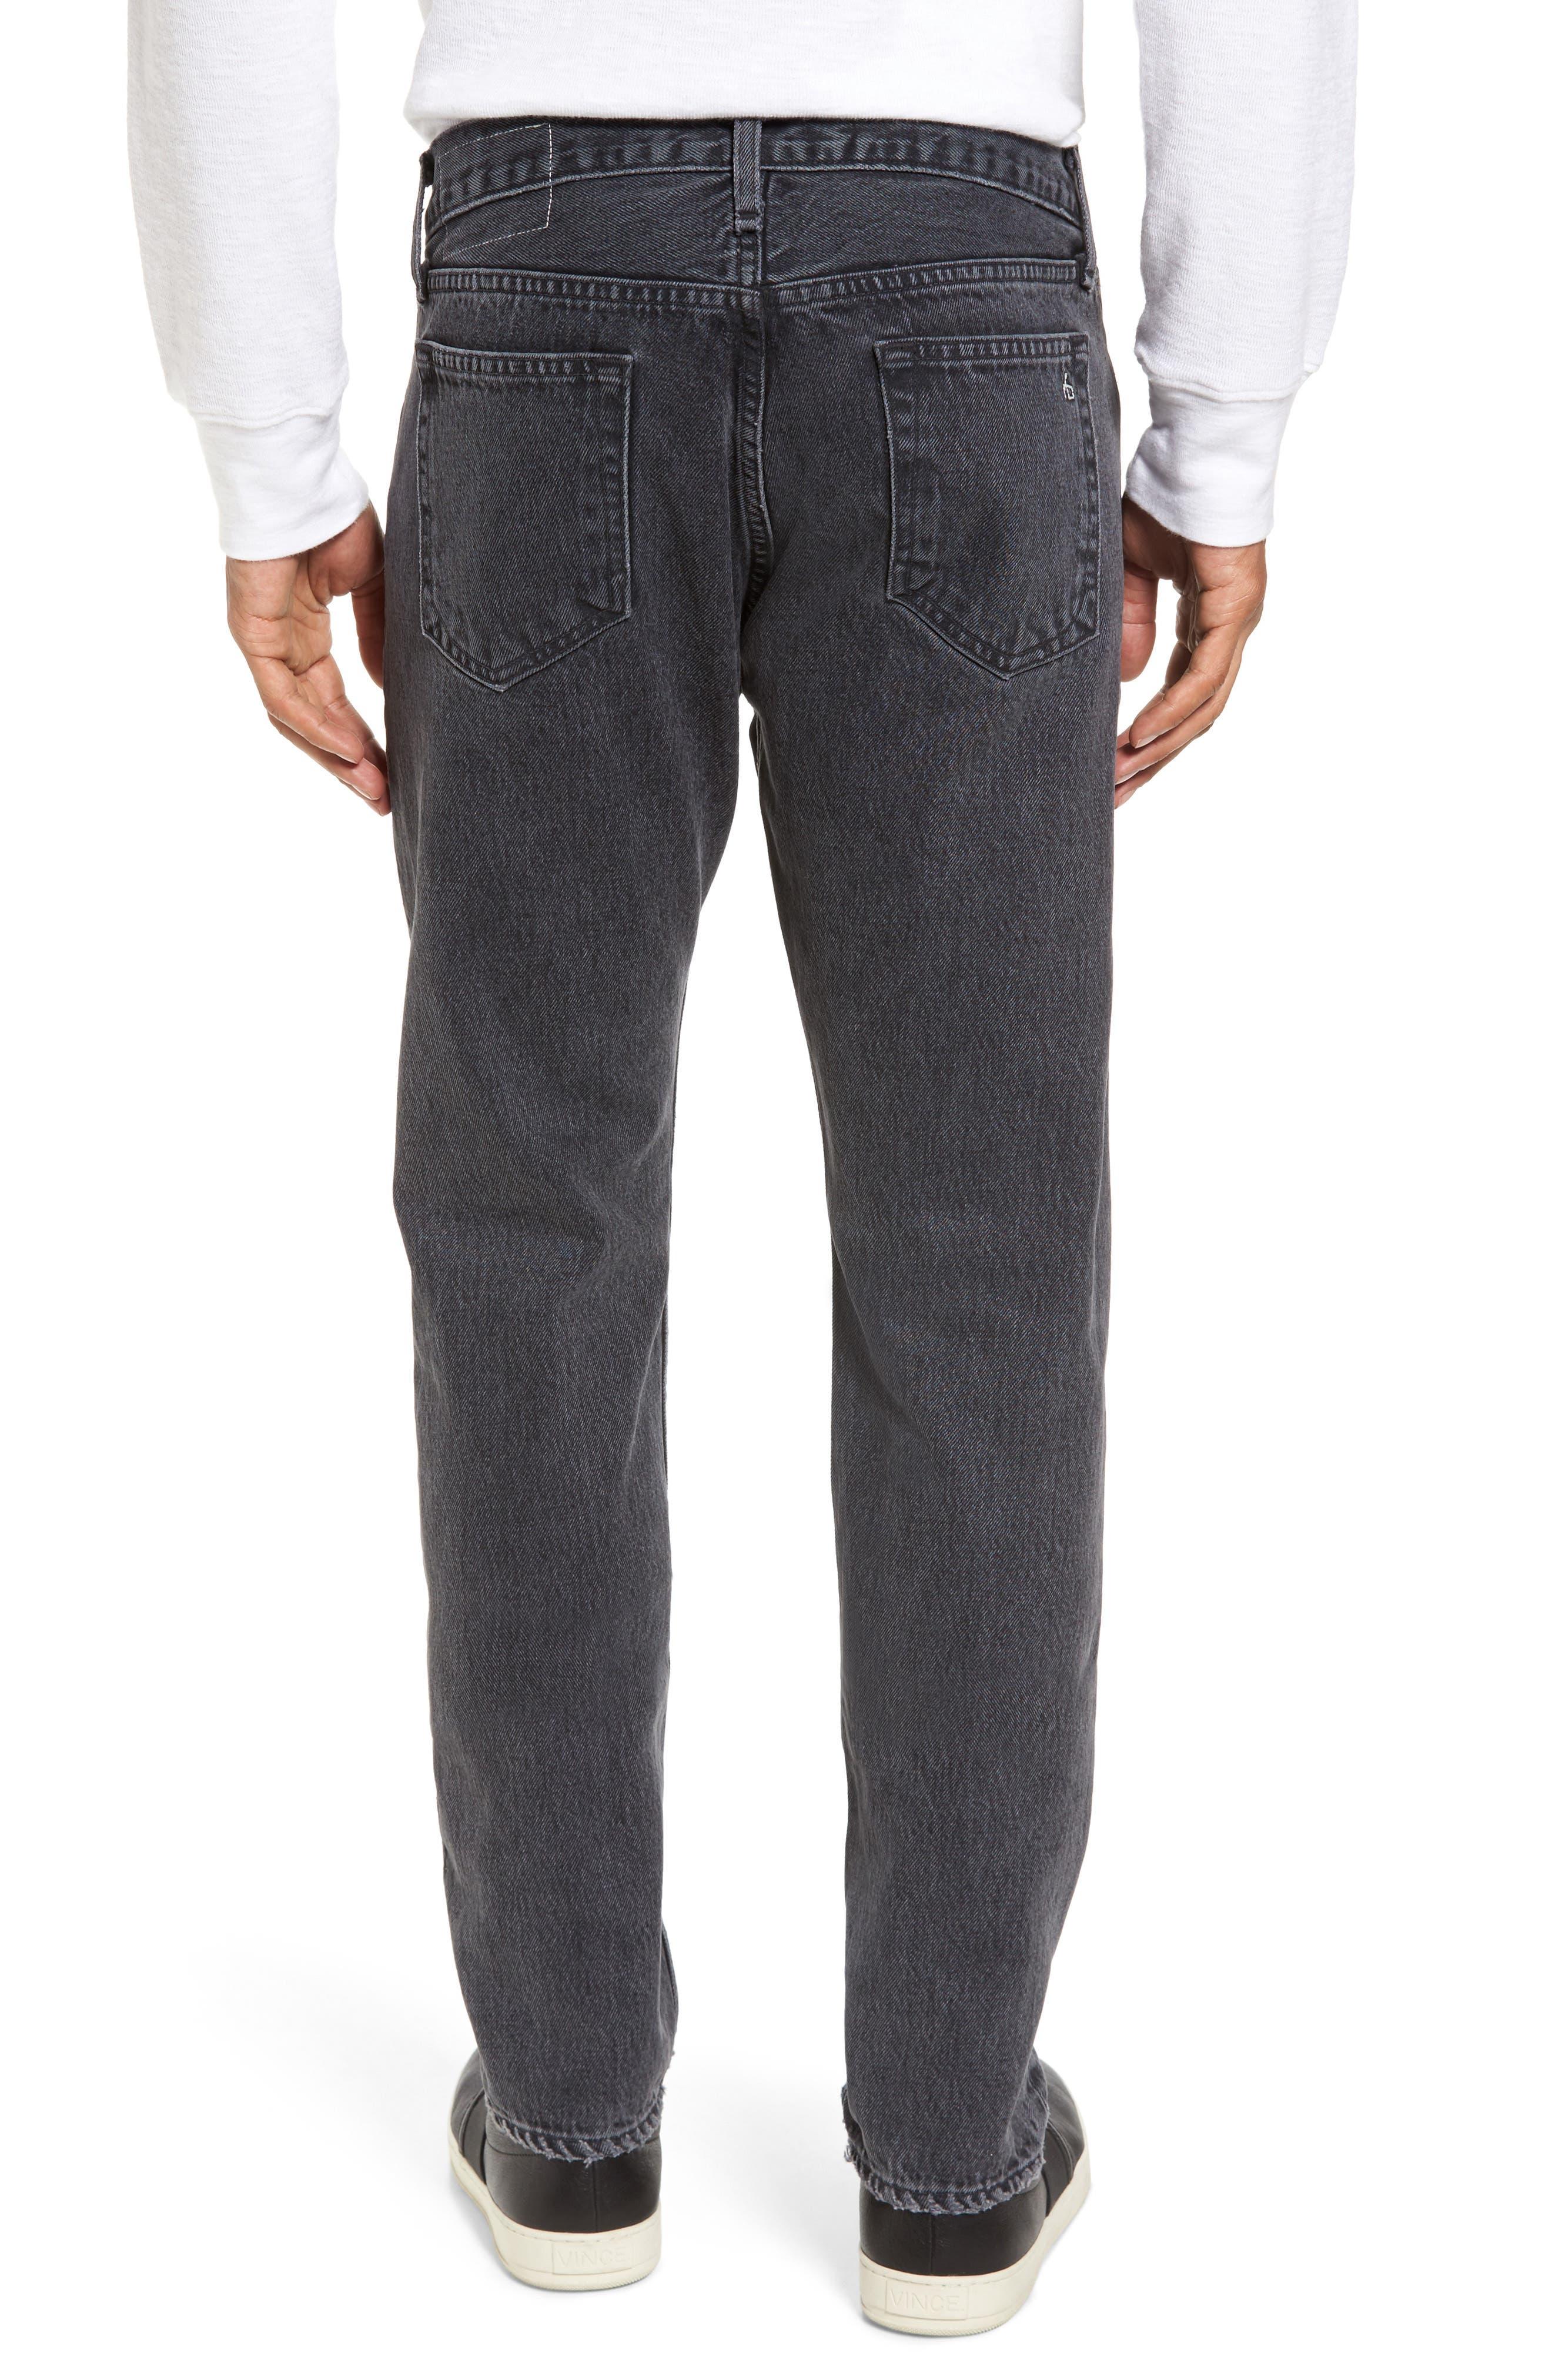 Fit 2 Slim Fit Jeans,                             Alternate thumbnail 2, color,                             001